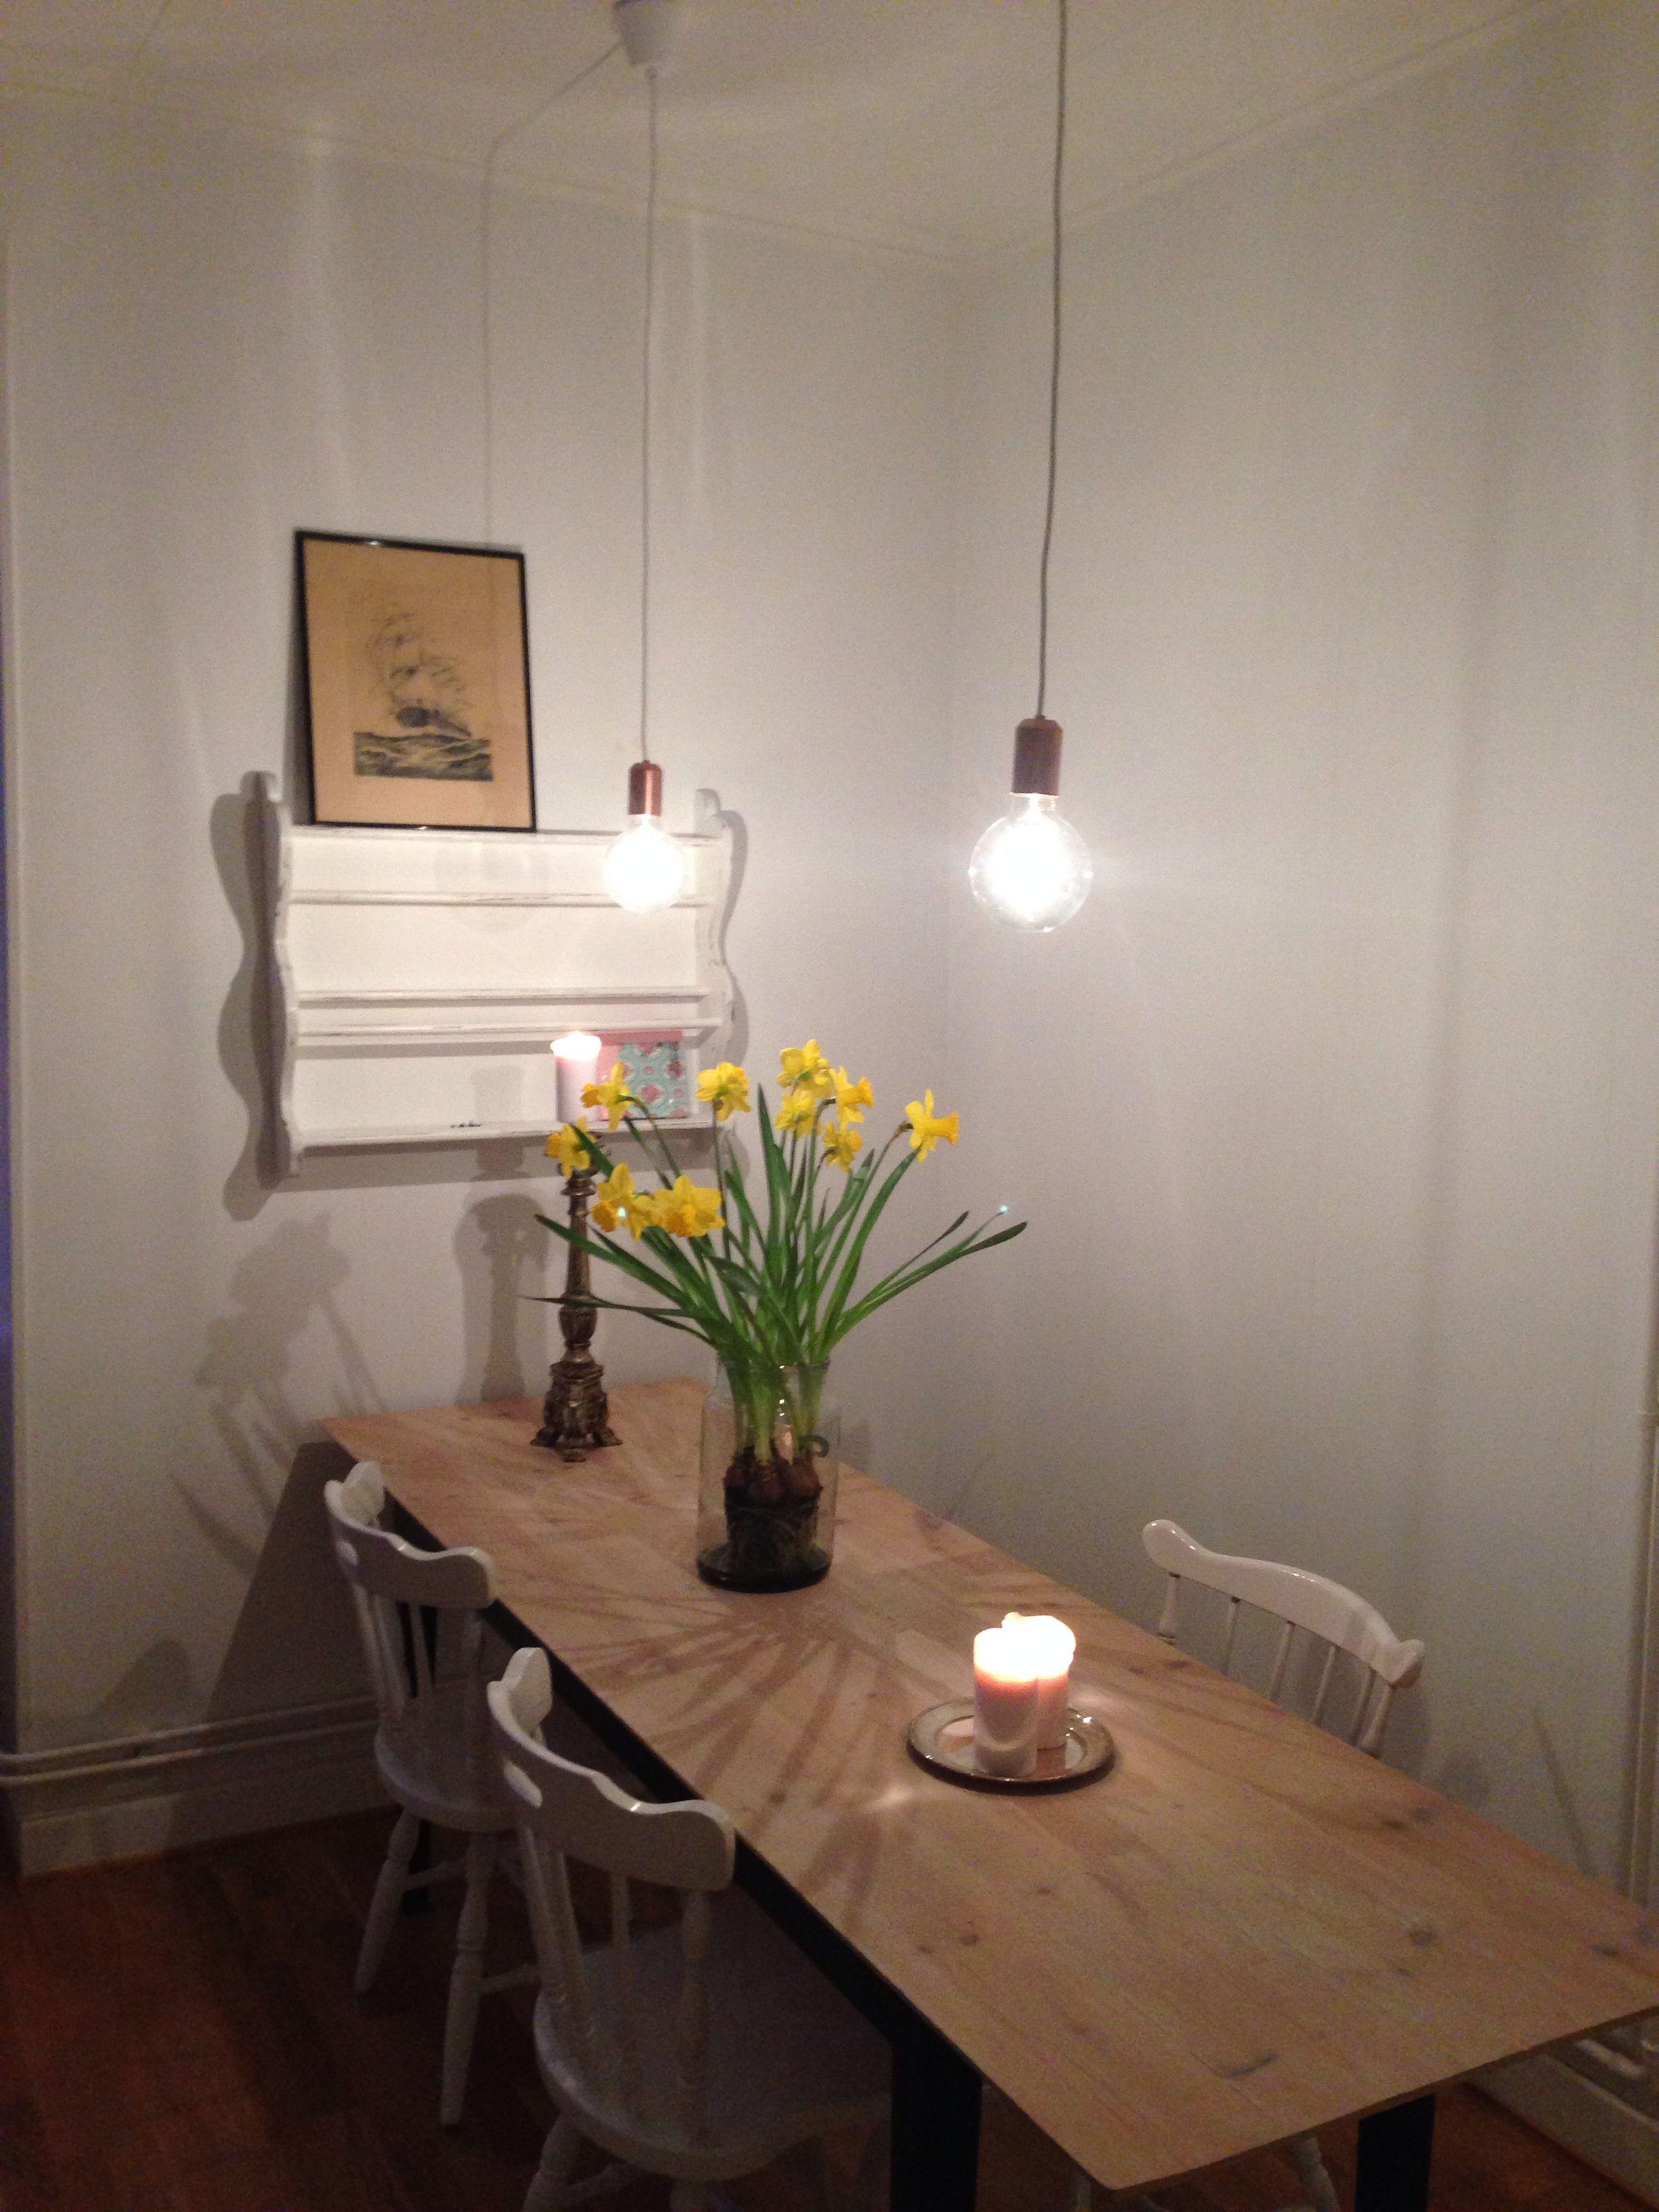 Omgjorda Clas Ohlsson Hangande Glodlampor Hem Inredning Inredning Lampor